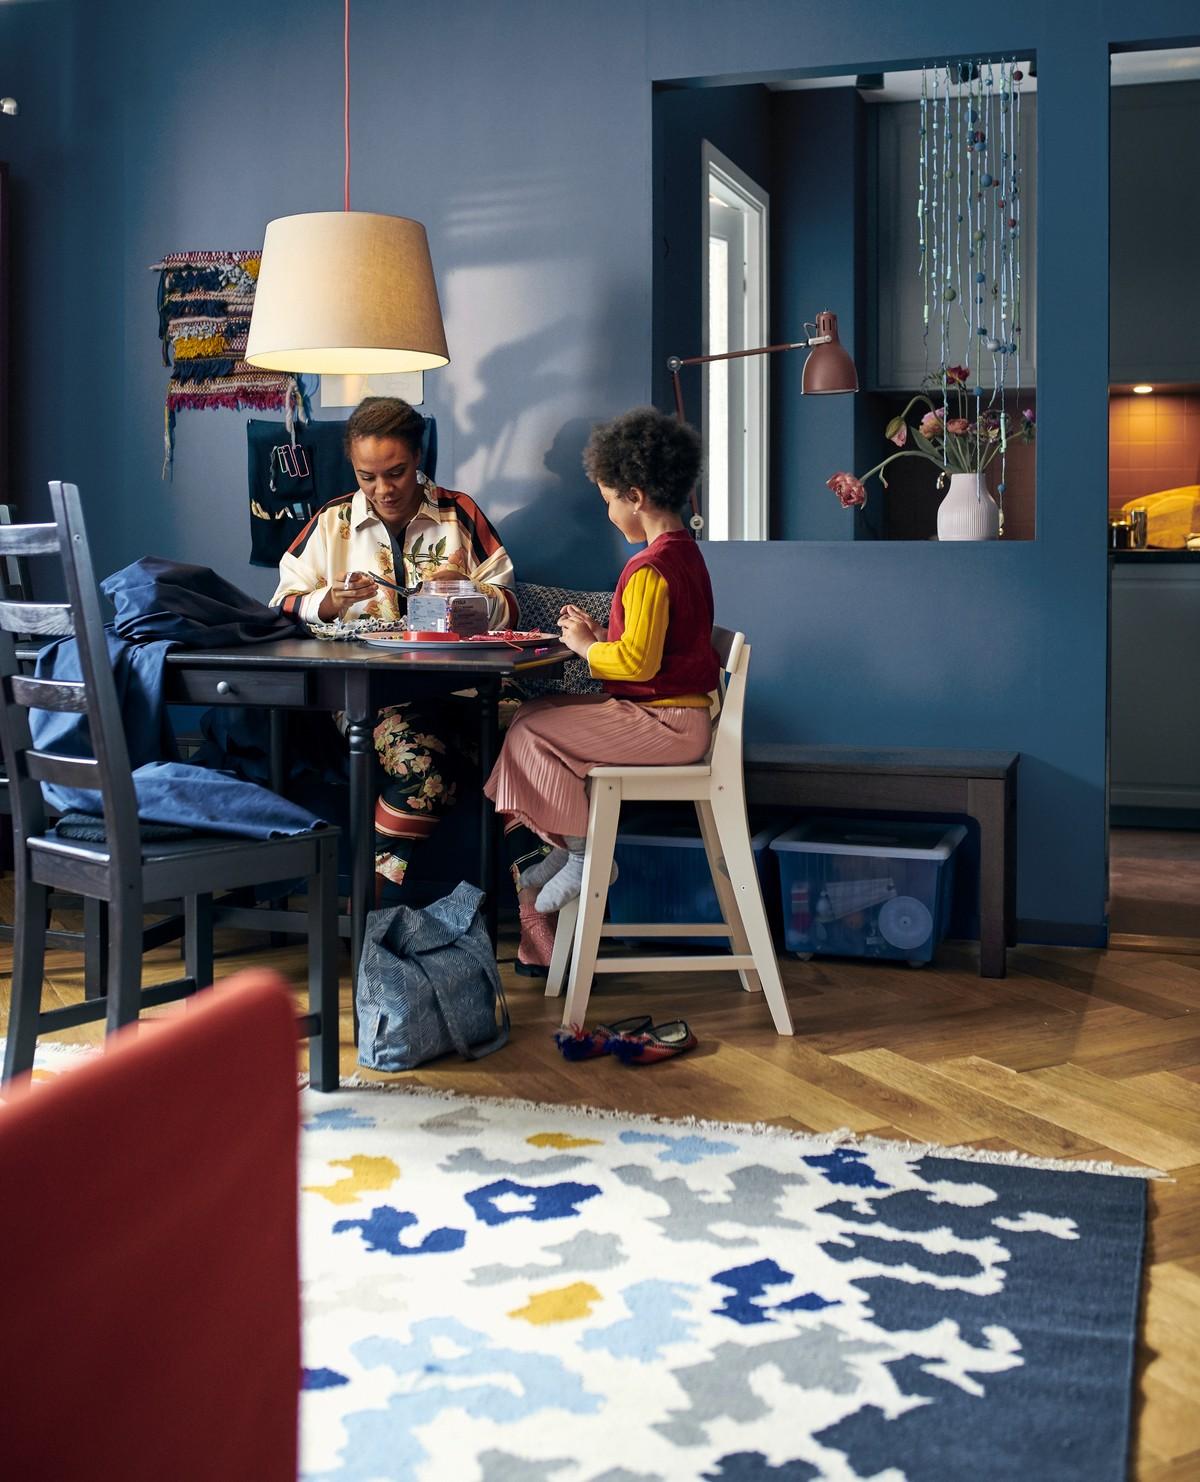 Ikea catalogo 2019 novit foto sette case diverse for Nuovo arredo andria catalogo